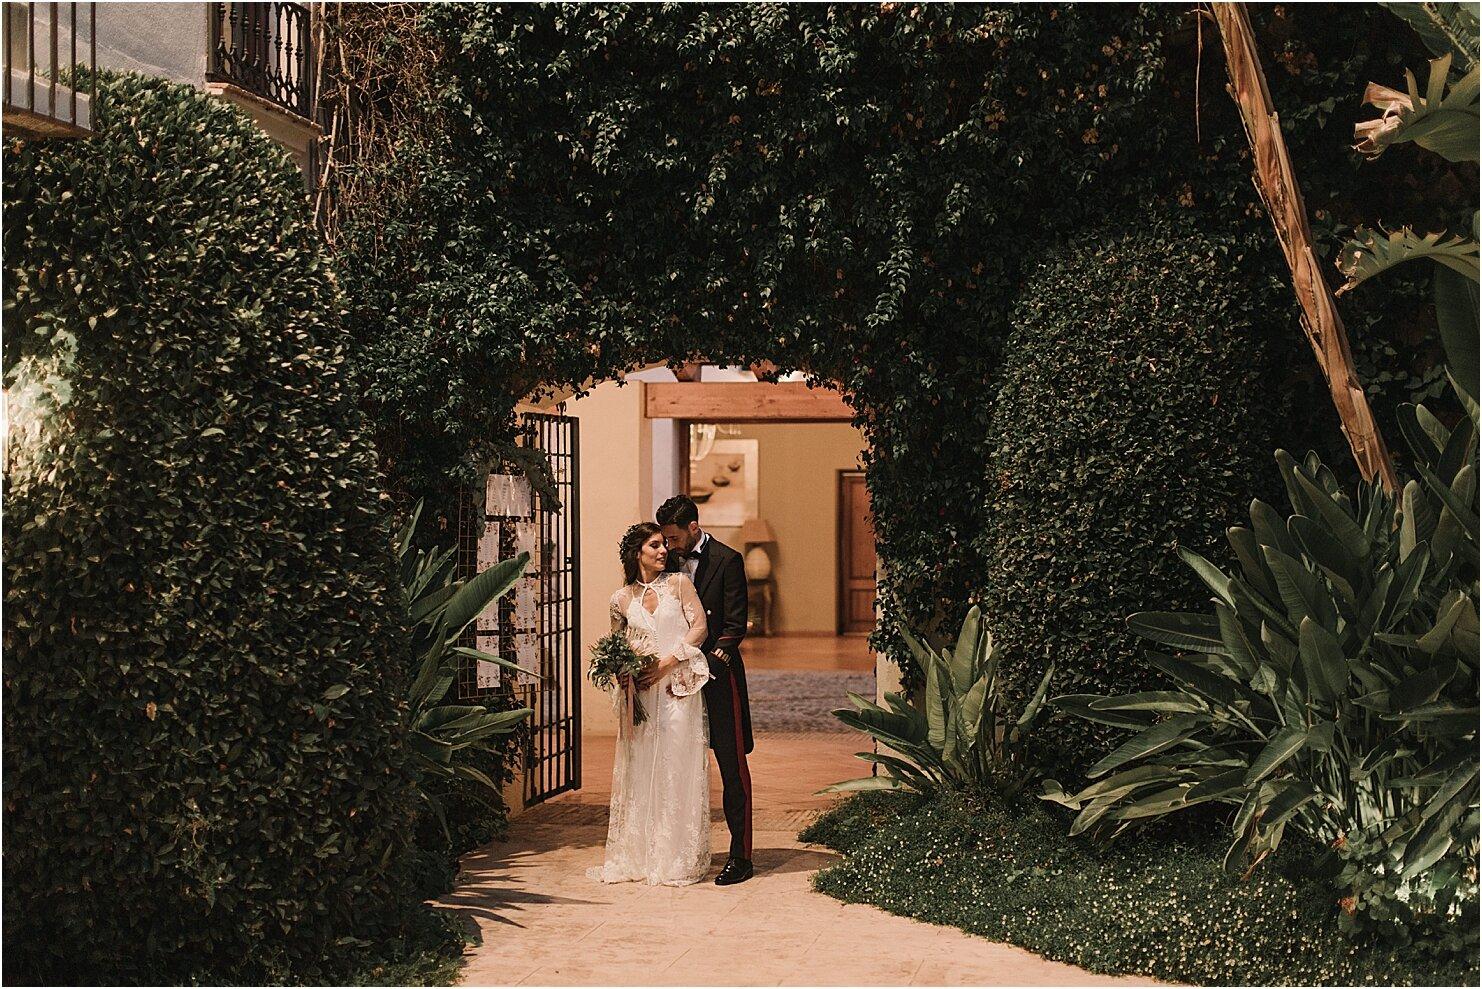 boda-romantica-boda-boho-vestido-de-novia-laura-lomas45.jpg